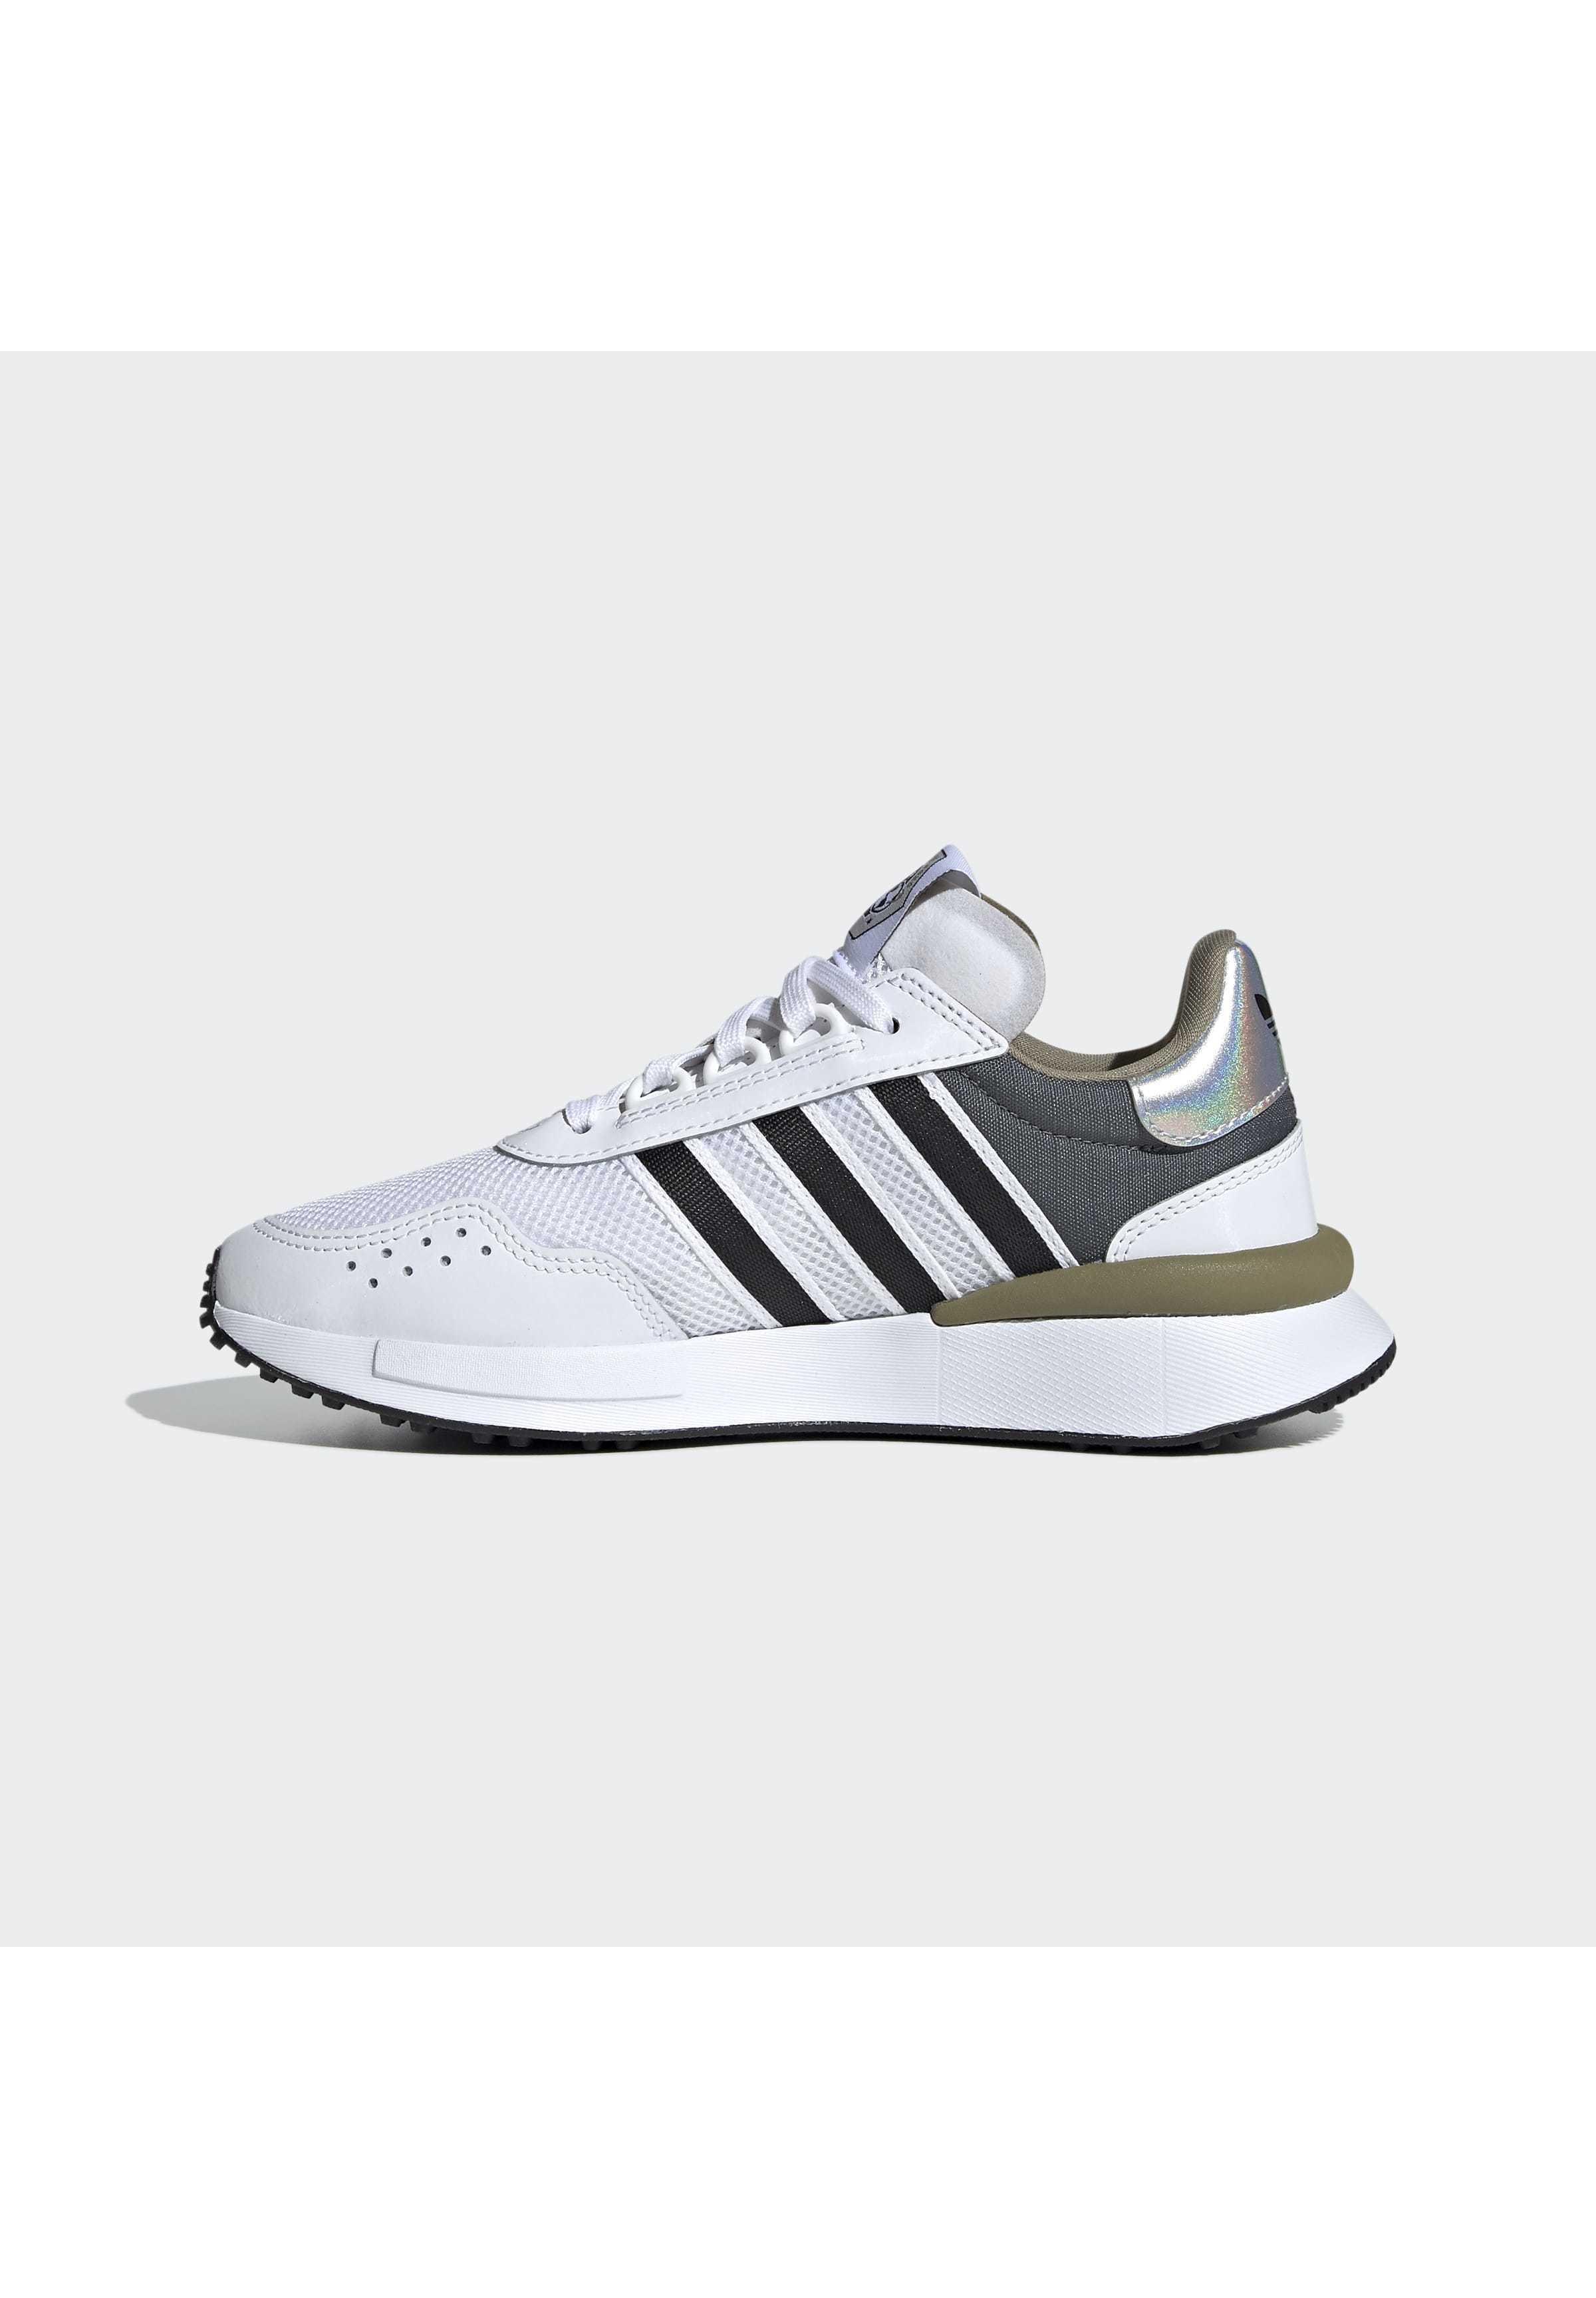 Adidas Originals Retroset Shoes - Joggesko White